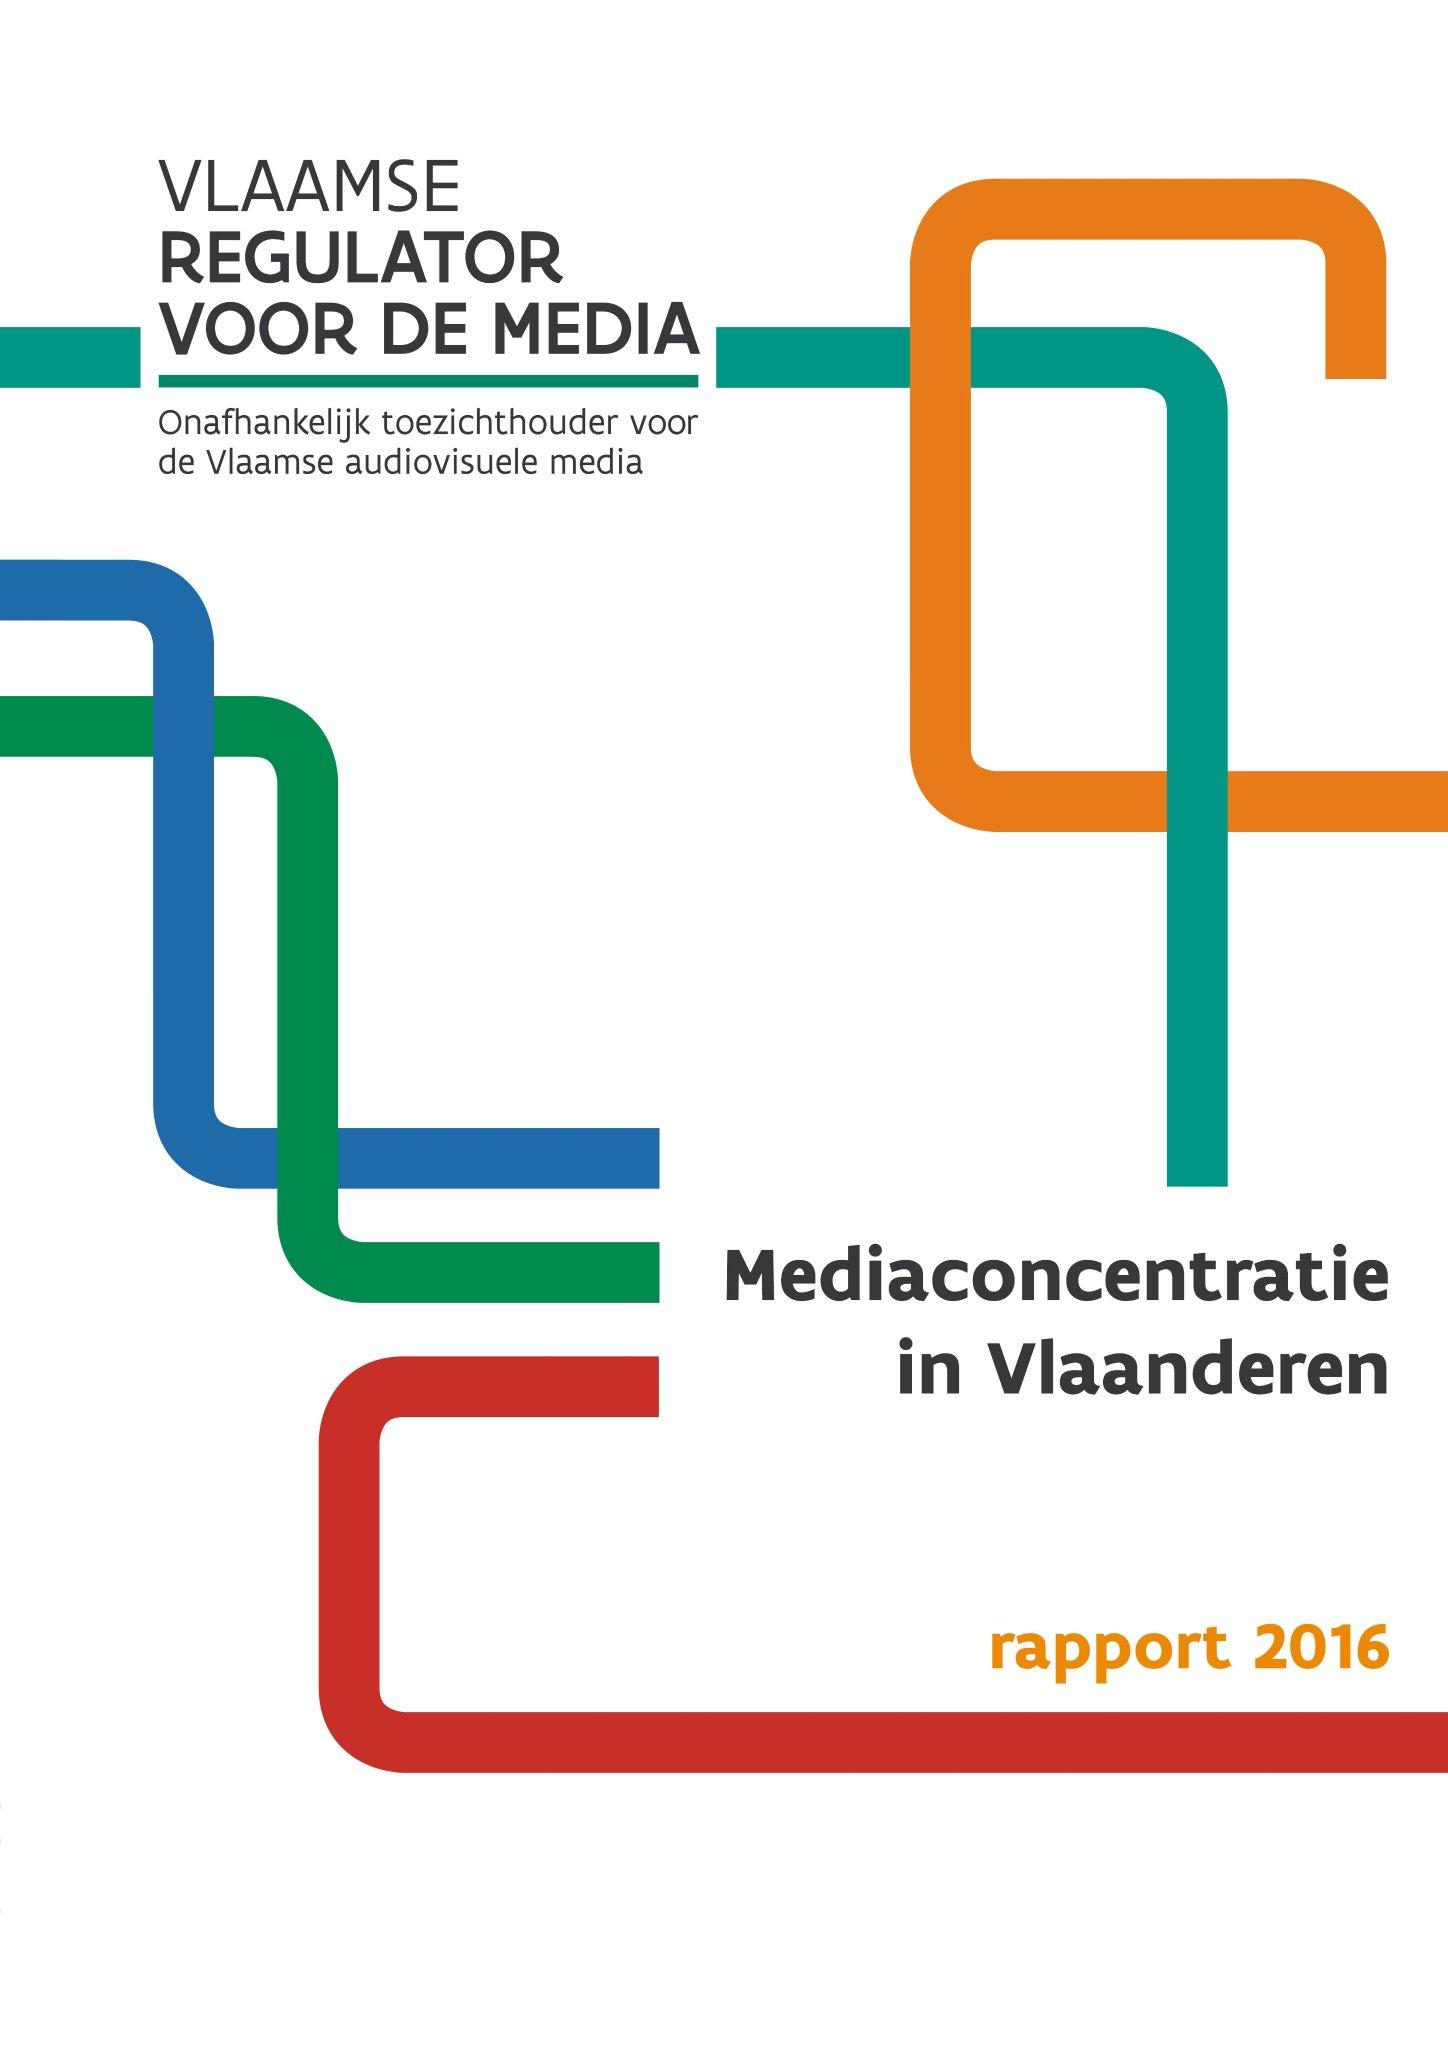 Mediaconcentratie in Vlaanderen 2016